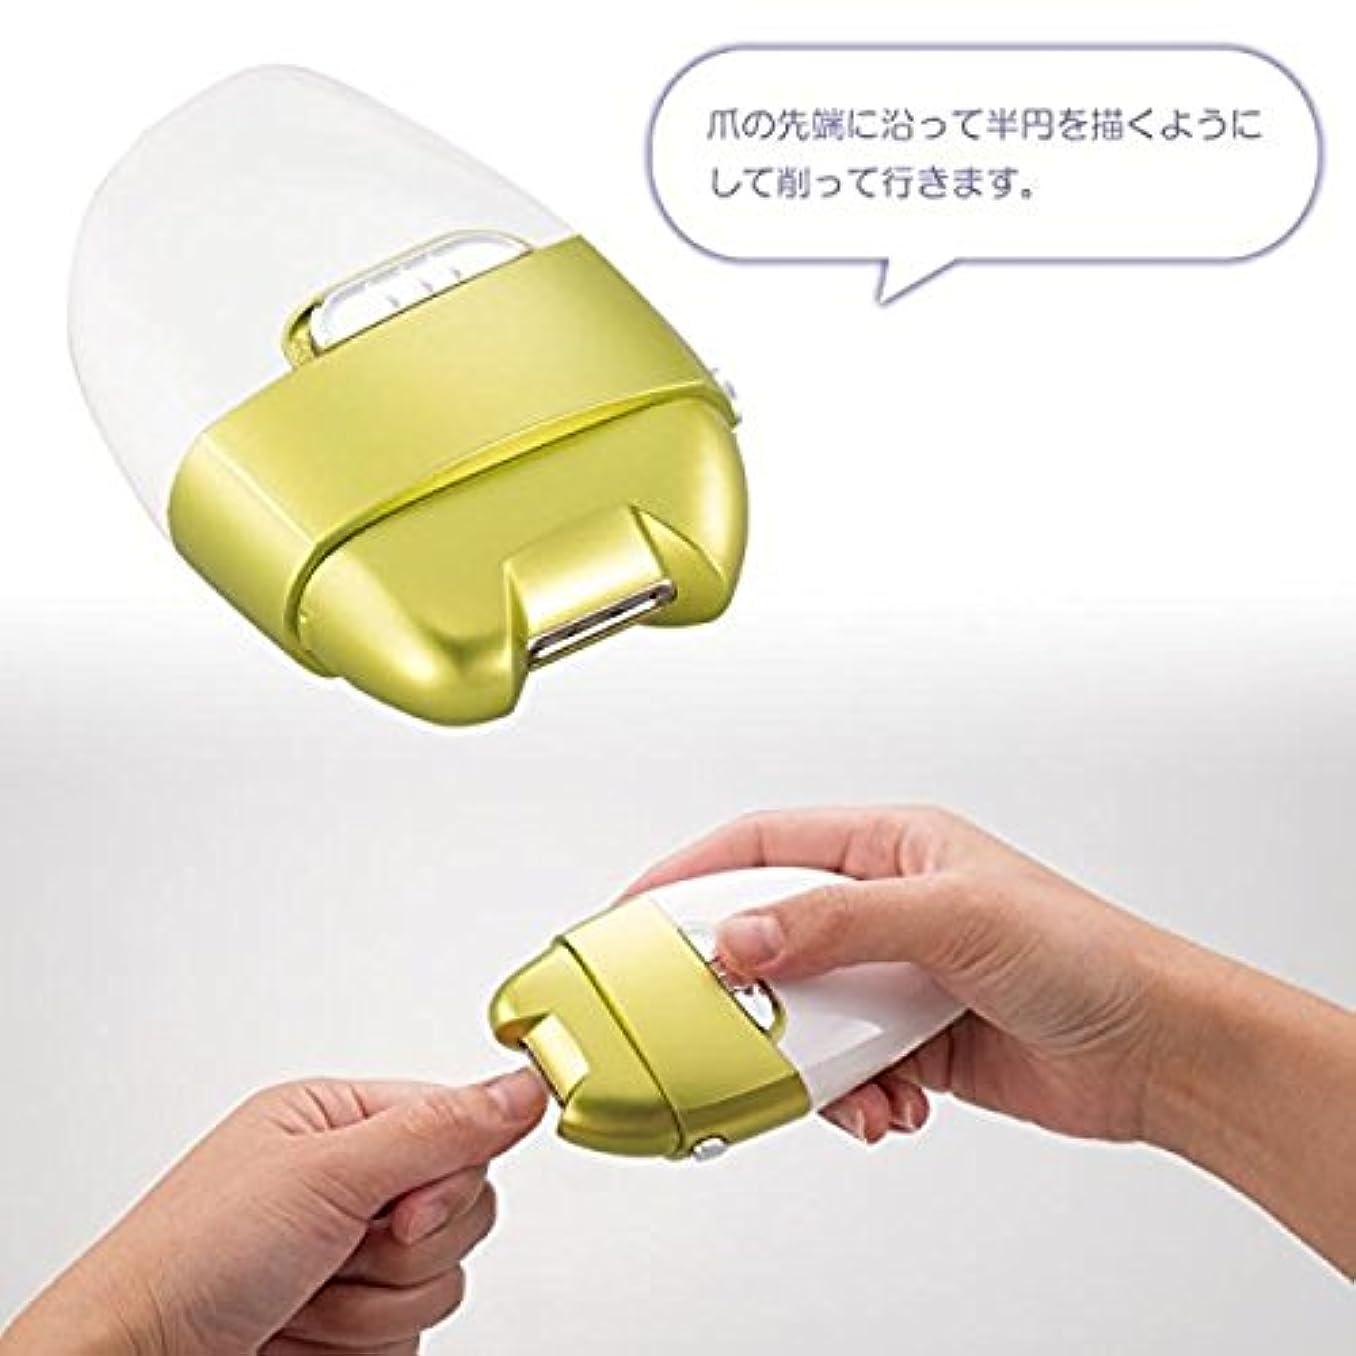 粒黙認するポンペイ電動爪削り Leaf dS-1651428